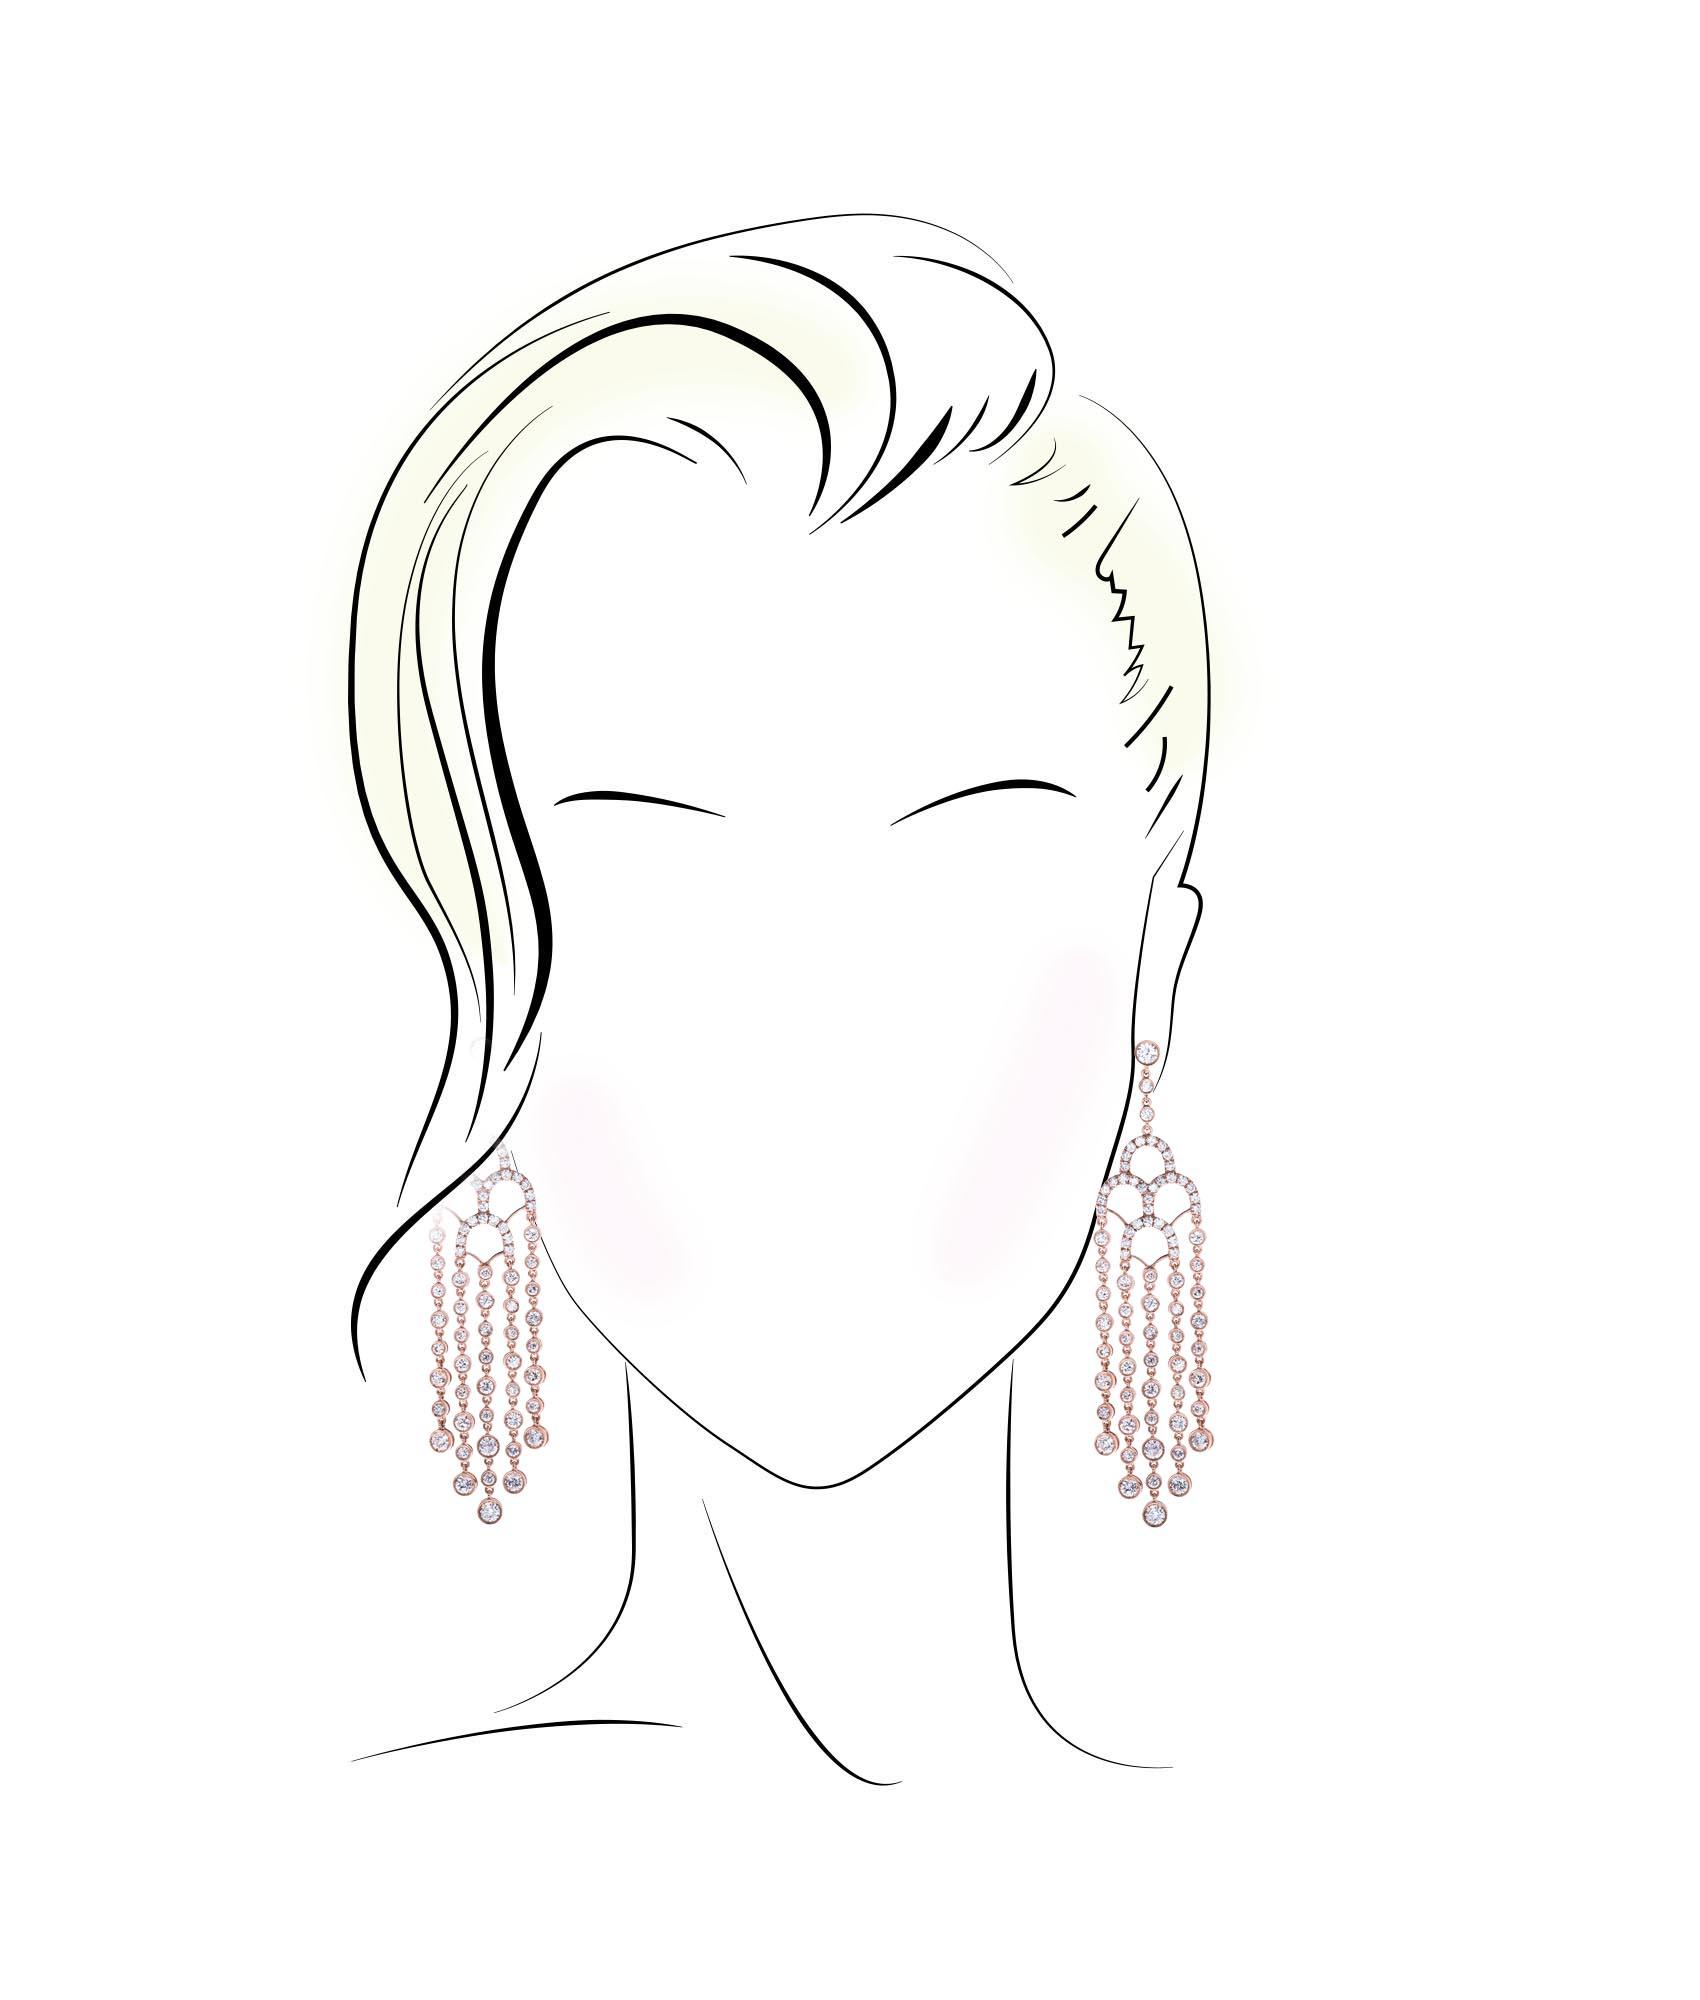 heart-face-earring-style